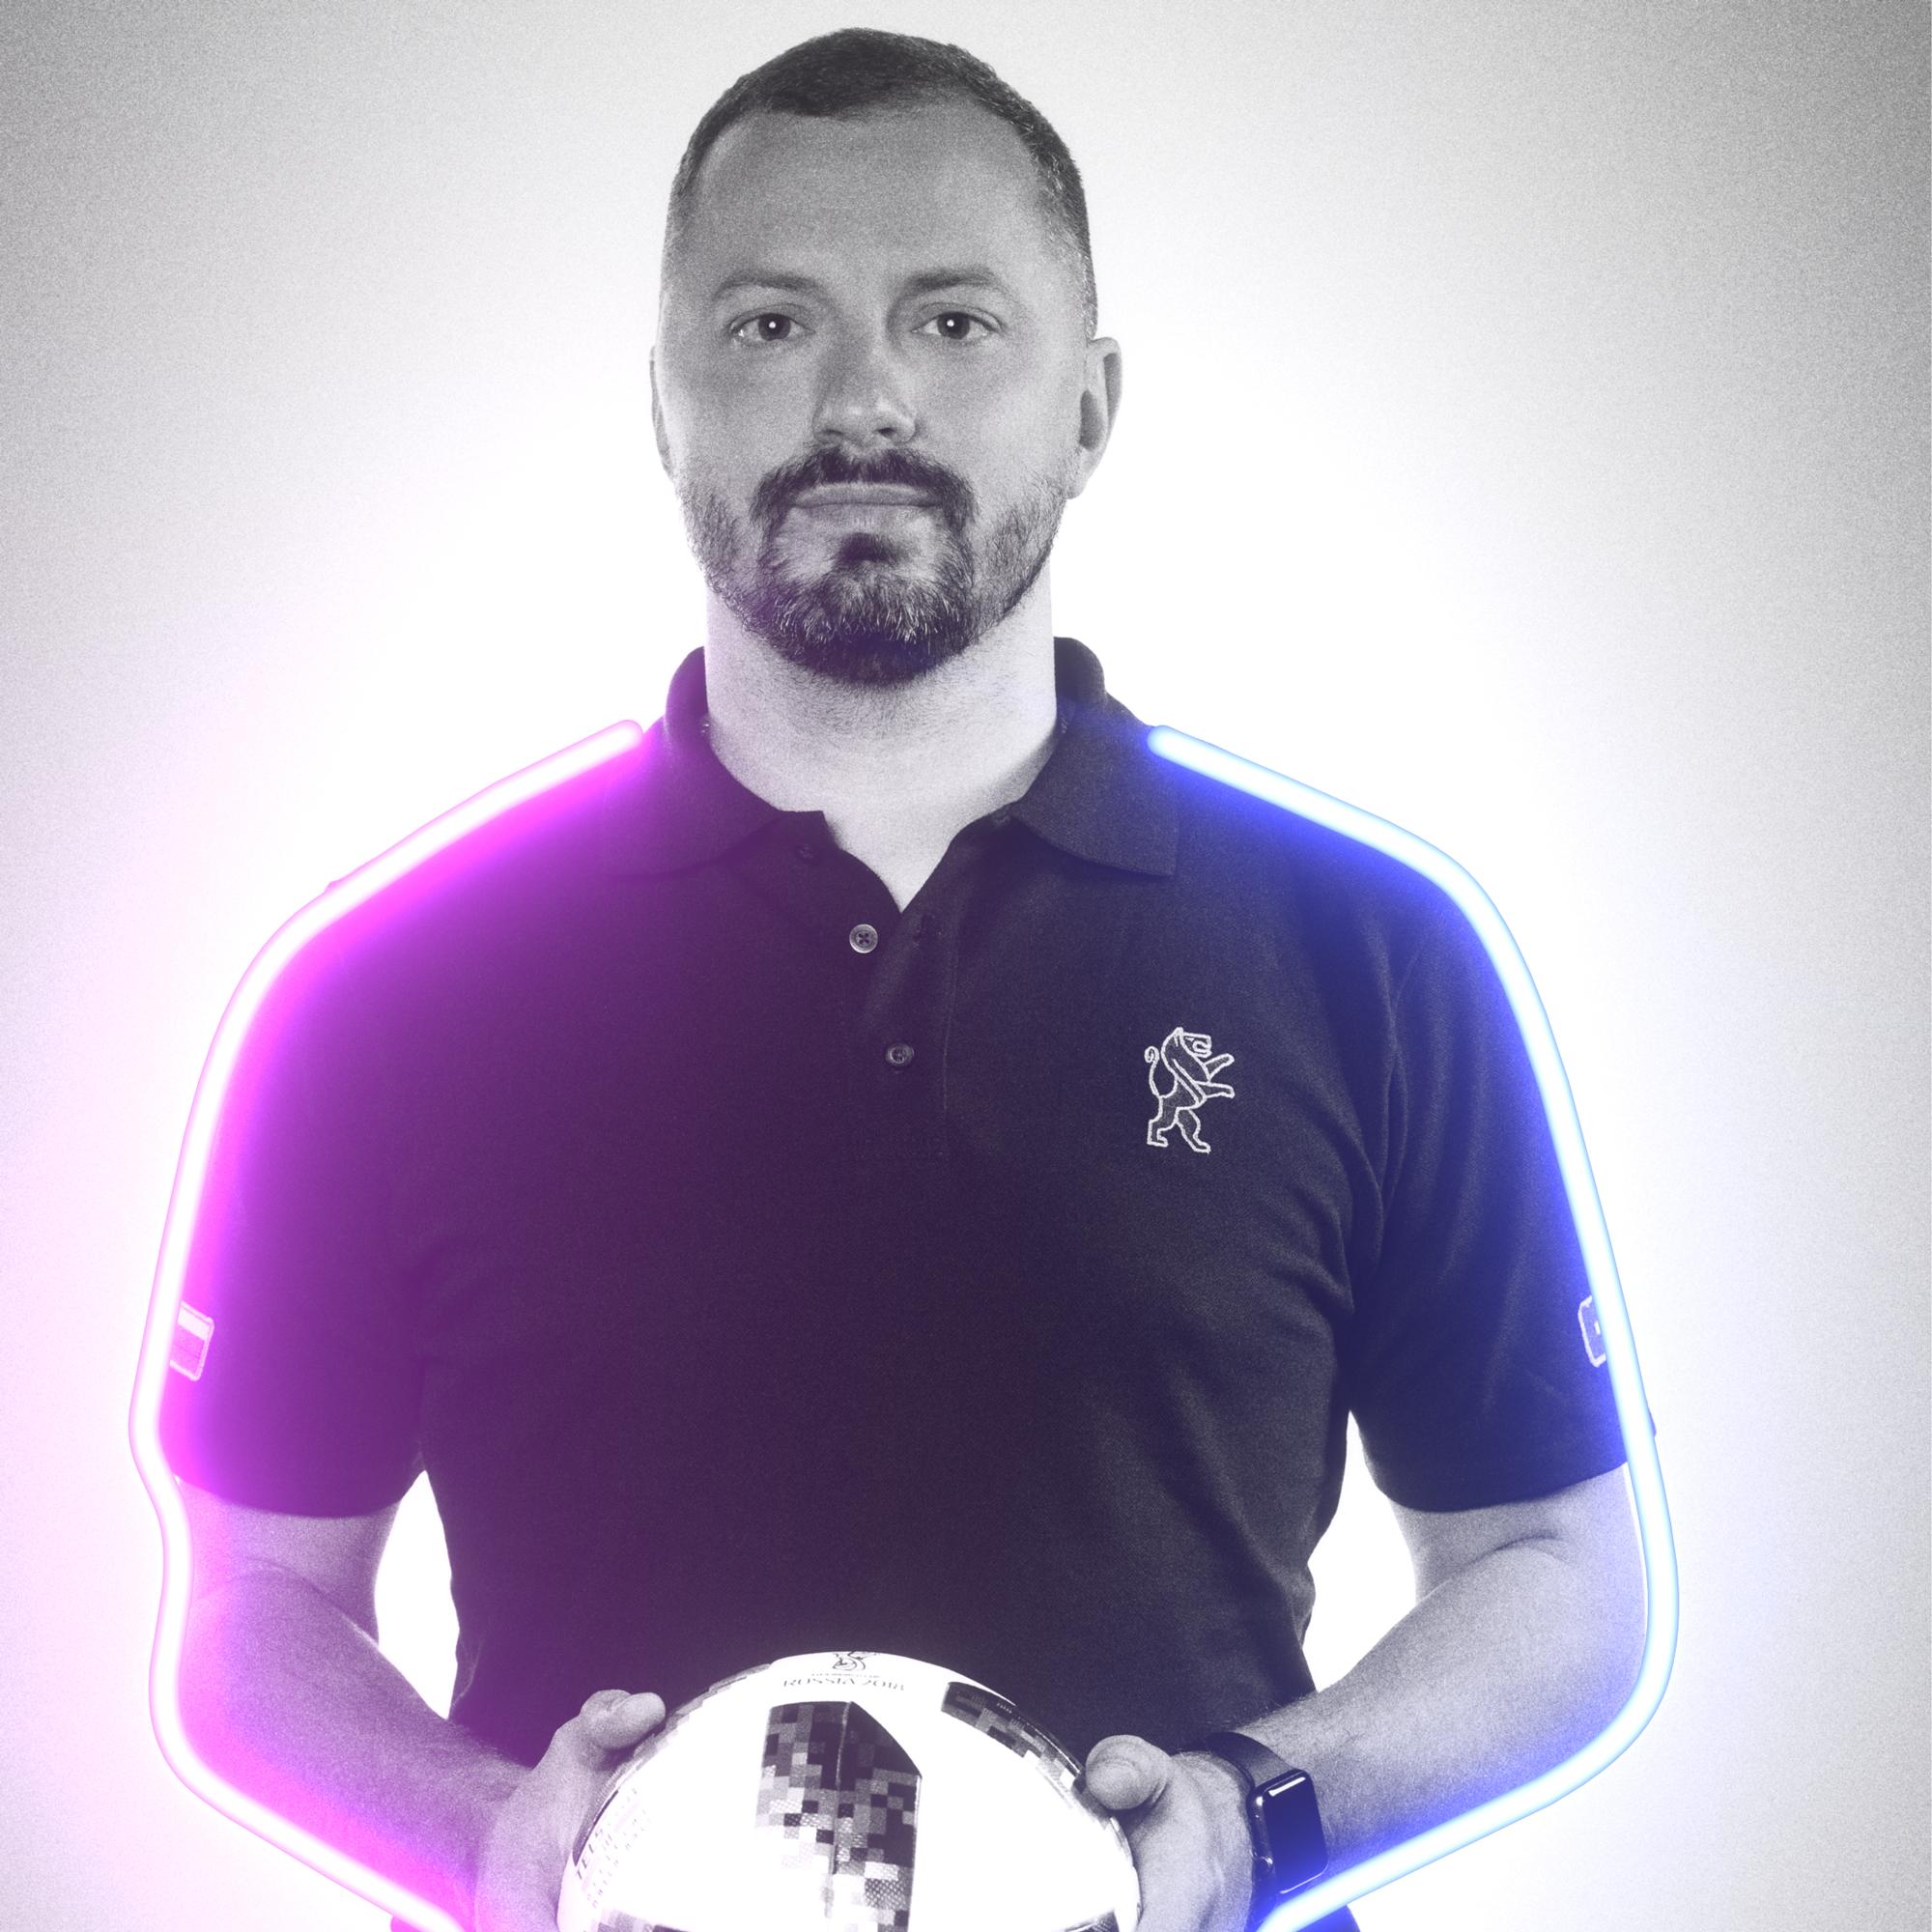 Прокопец Михаил Александрович